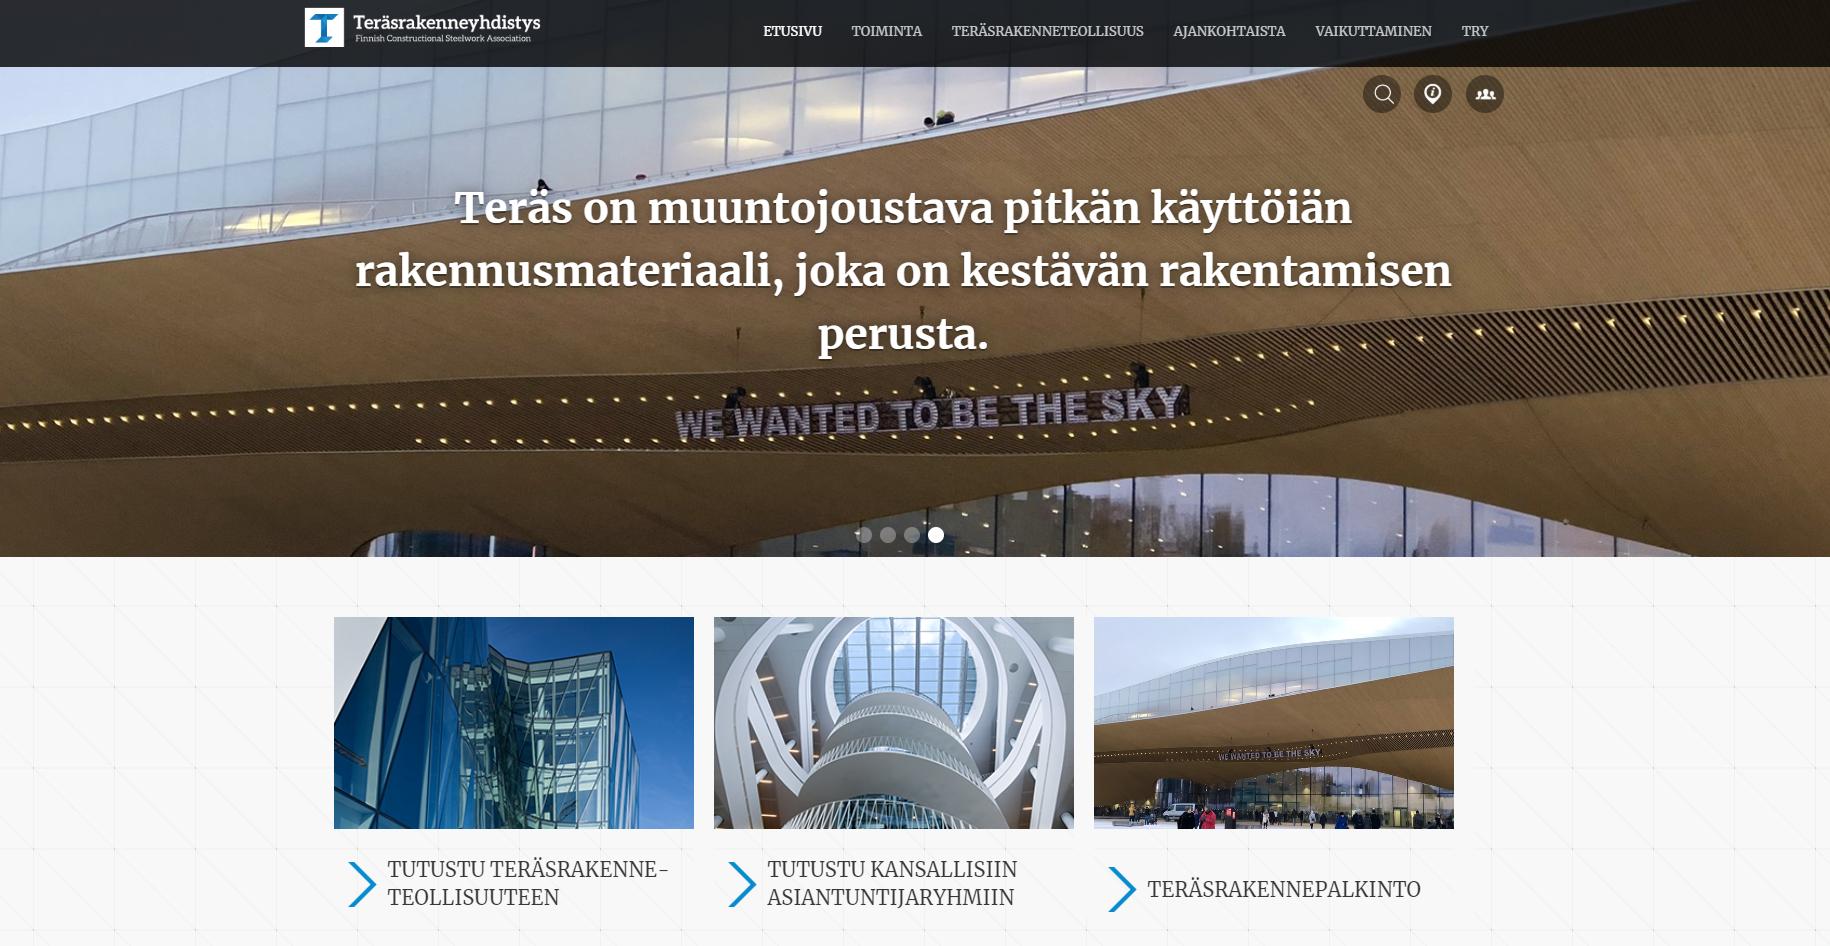 Teräsrakenneyhdistys verkkosivut